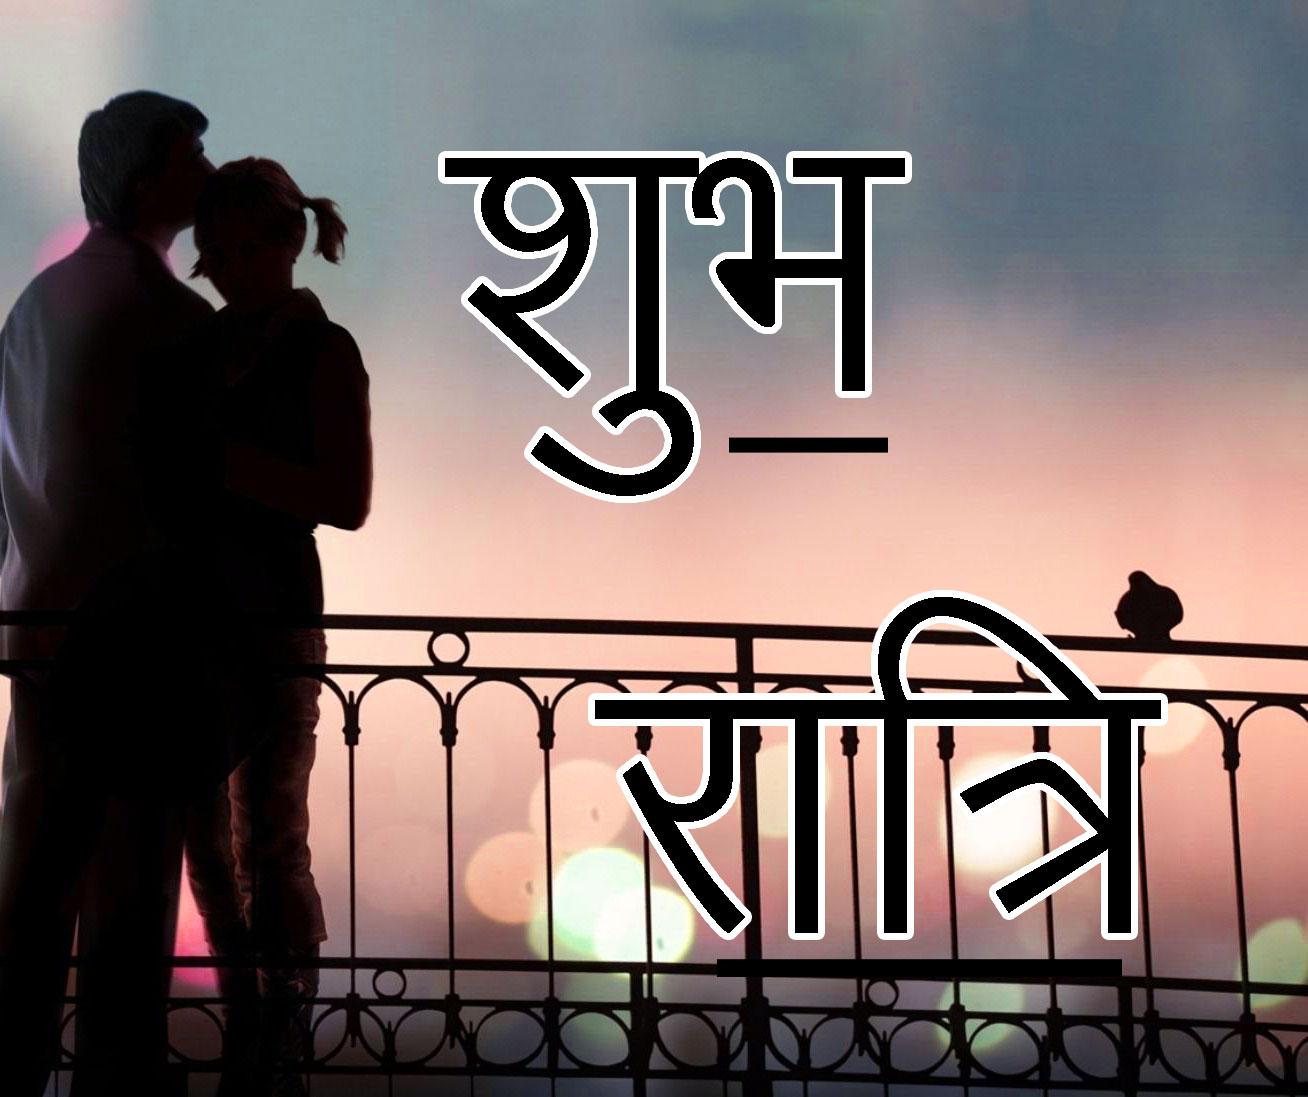 Shubh Ratri Wallpaper 13